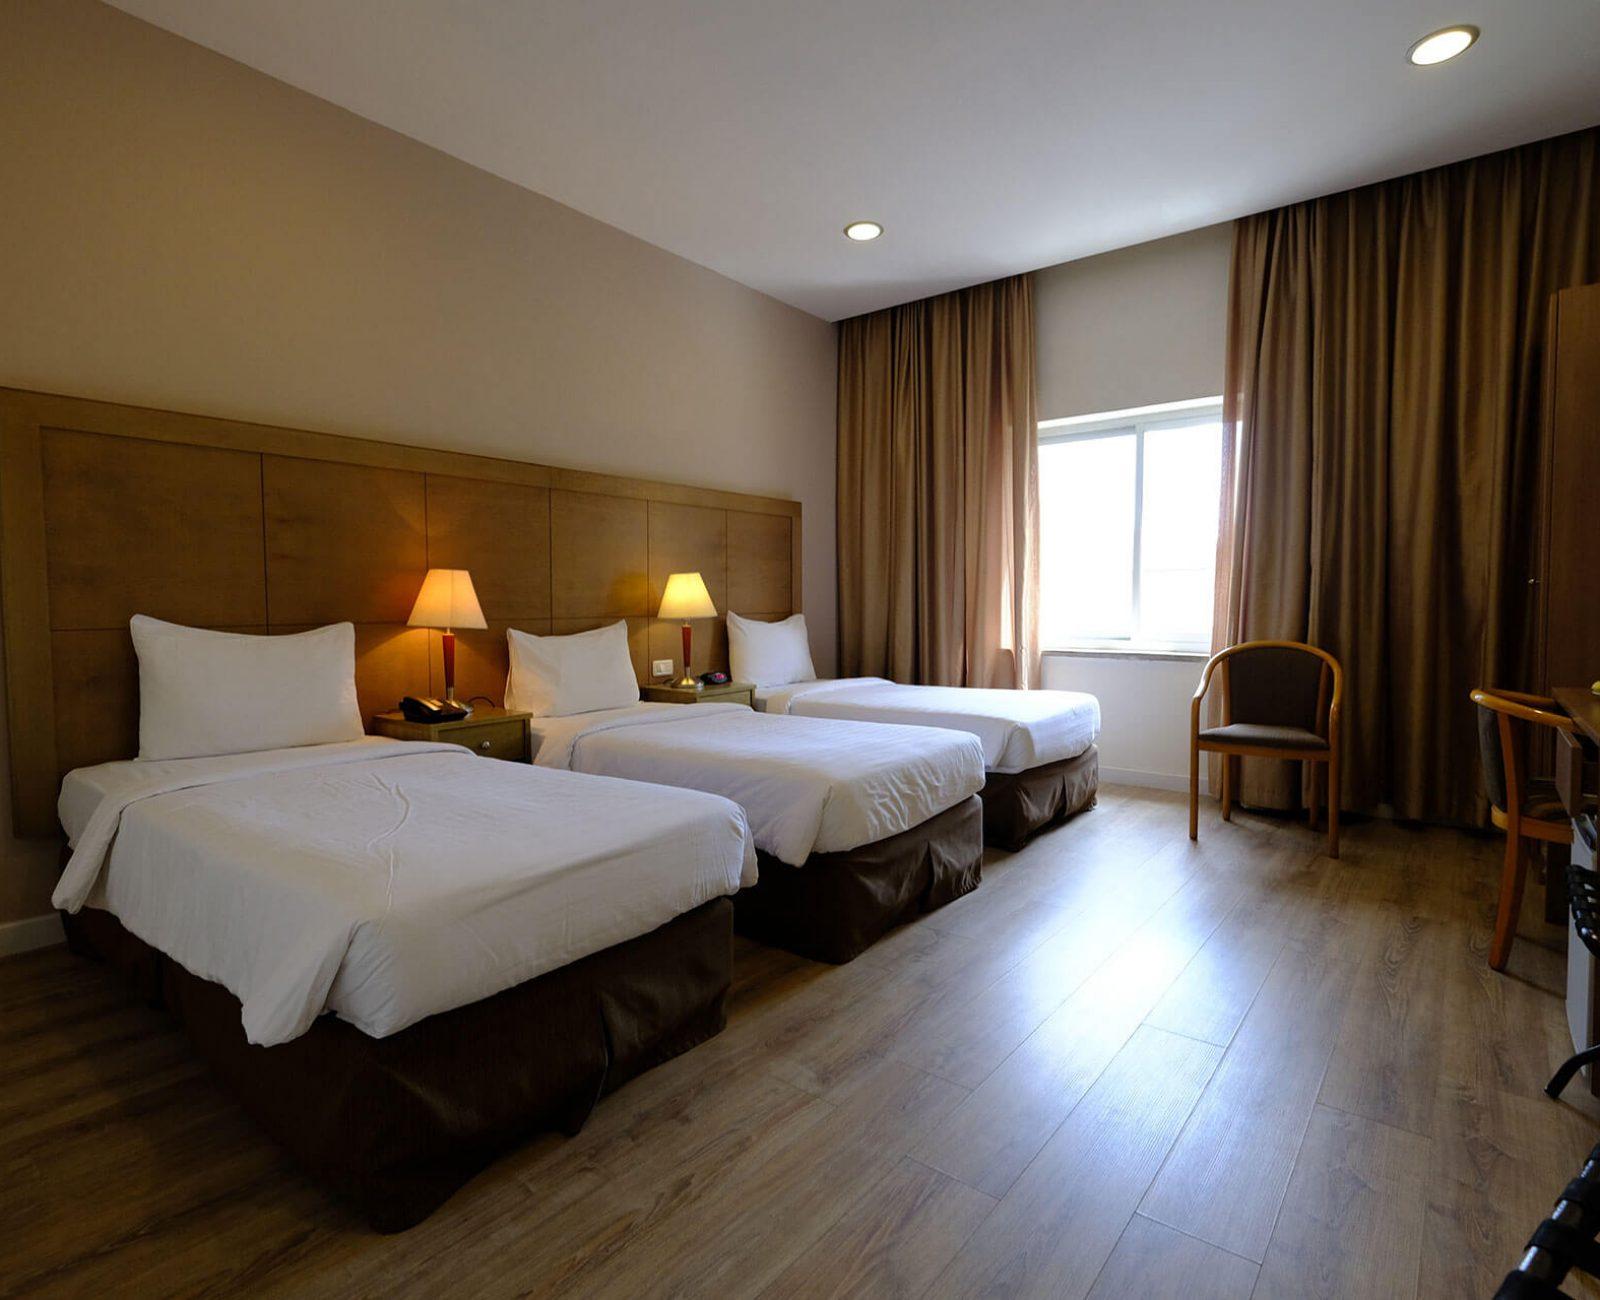 Ritz hotel_Standard Triple Room (5)